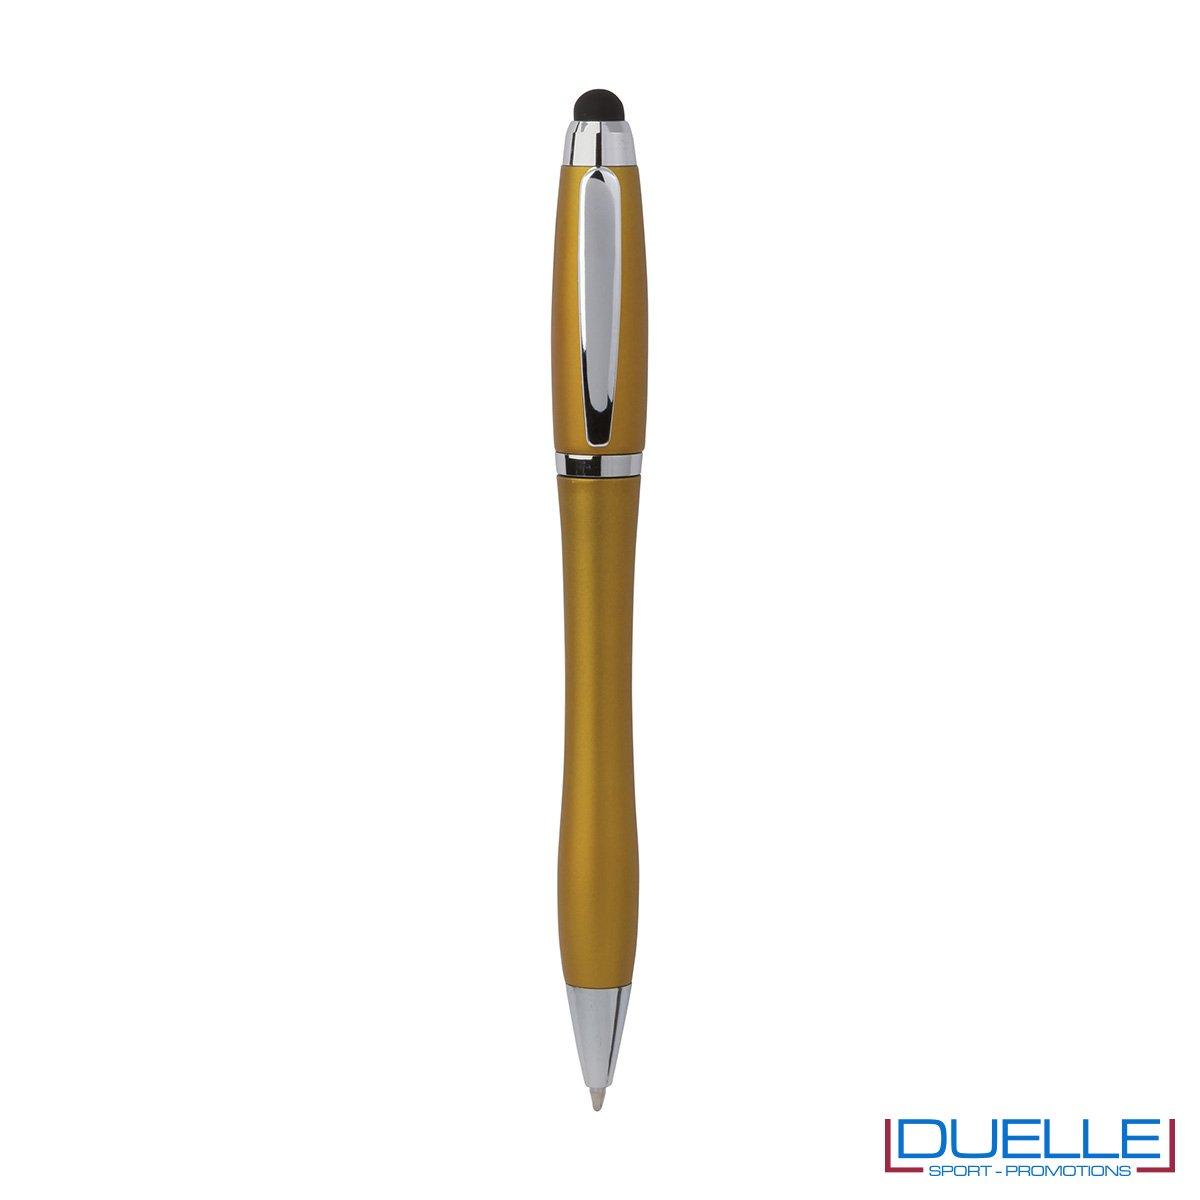 Penna touch screen a sfera in plastica con clip e puntale in metallo